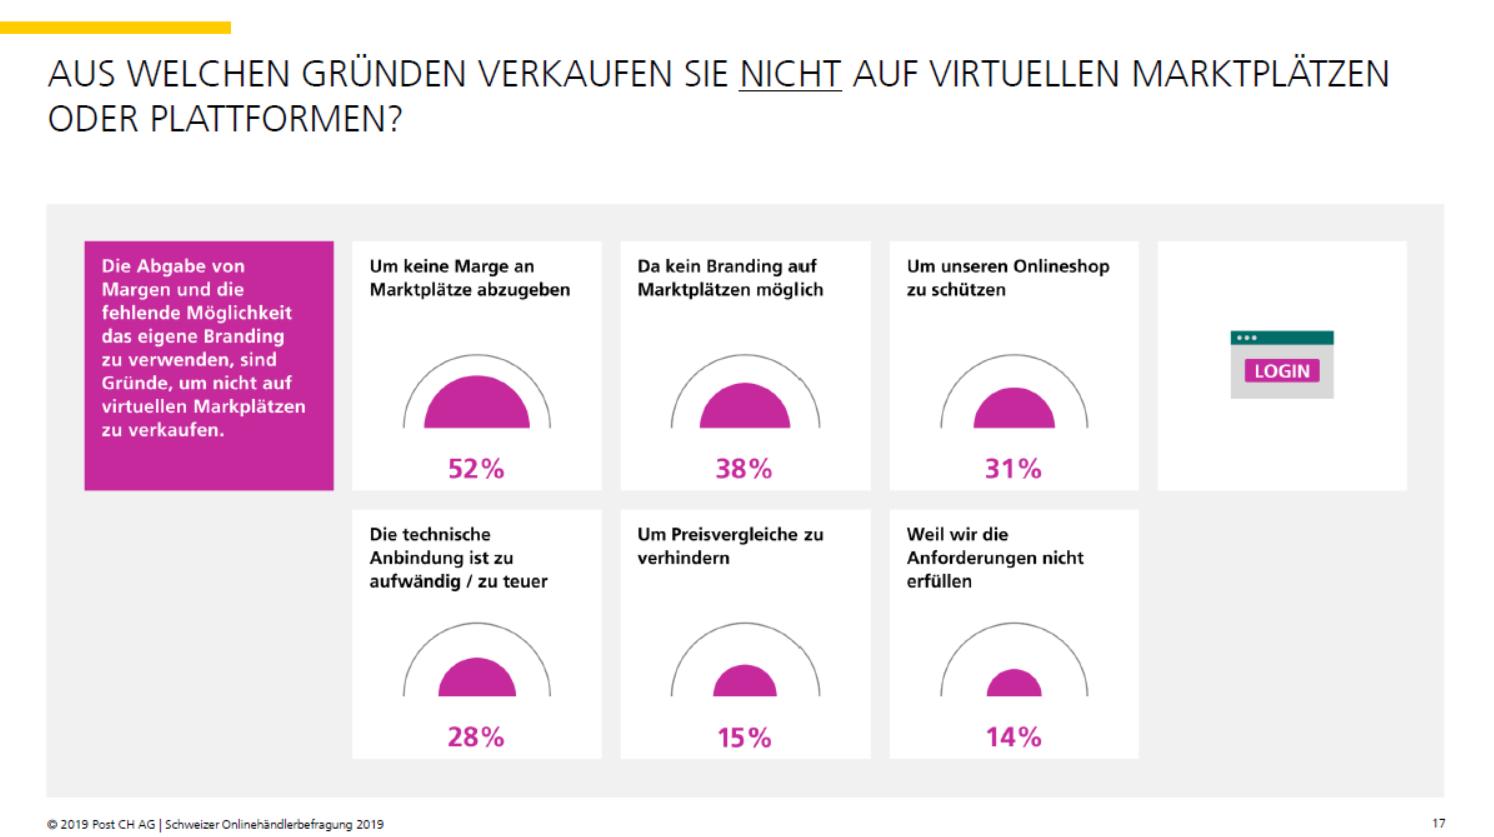 Gründe, warum Schweizer Onlinehändler nicht auf Marktplätzen verkaufen - Quelle: Onlinehändlerbefragung 2019